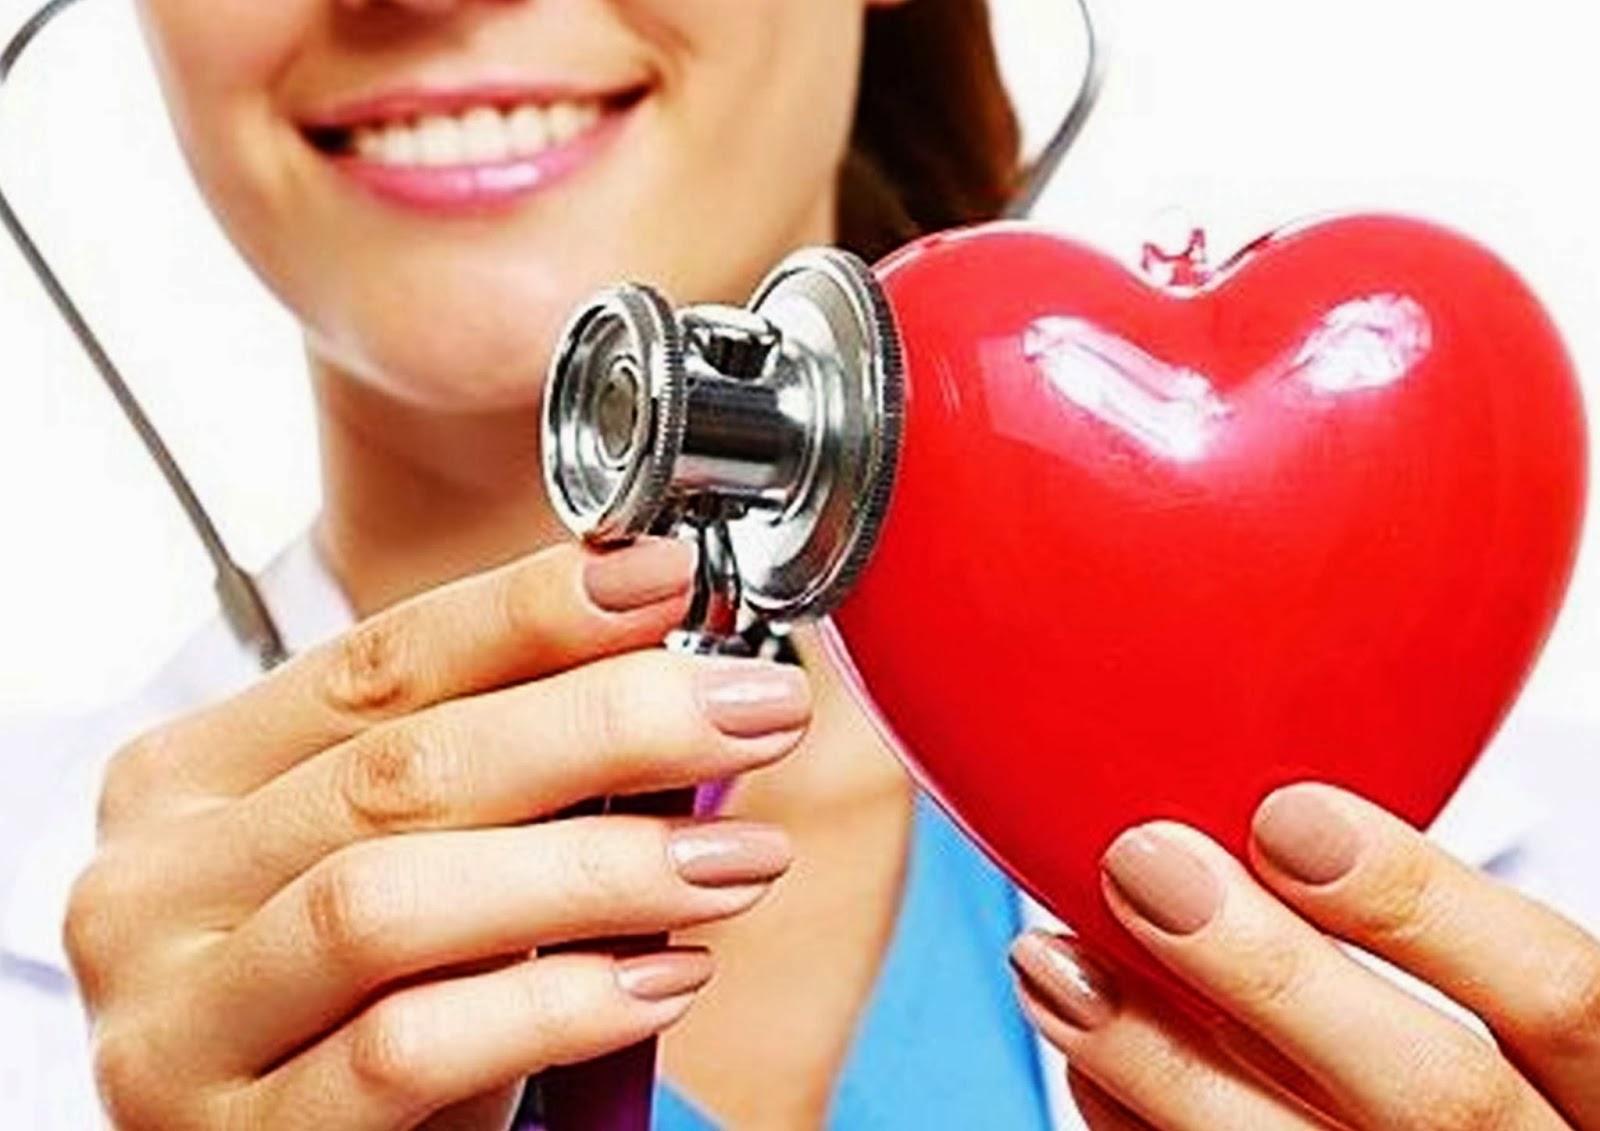 Rasa nyeri di dada karena bisa jadi karena jantung